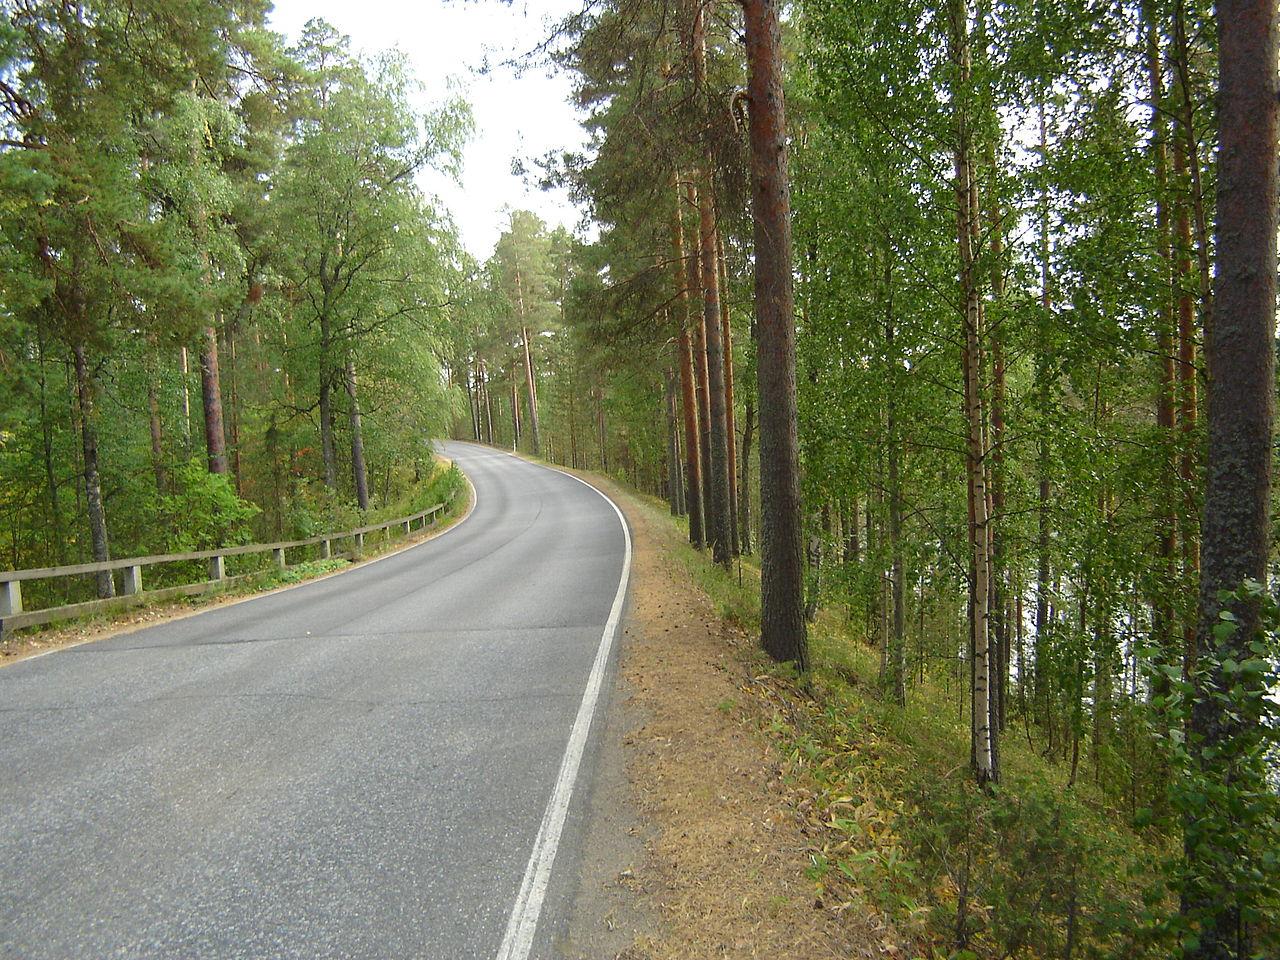 Ensimmäinen maantie harjulle rakennettiin 1700-luvulla, ja sen kautta kulki yhteys Savonlinnasta Viipuriin. Tietä pidettiin varsin vaarallisena, koska se kulki paikoitellen jyrkkärinteisen harjun laella.